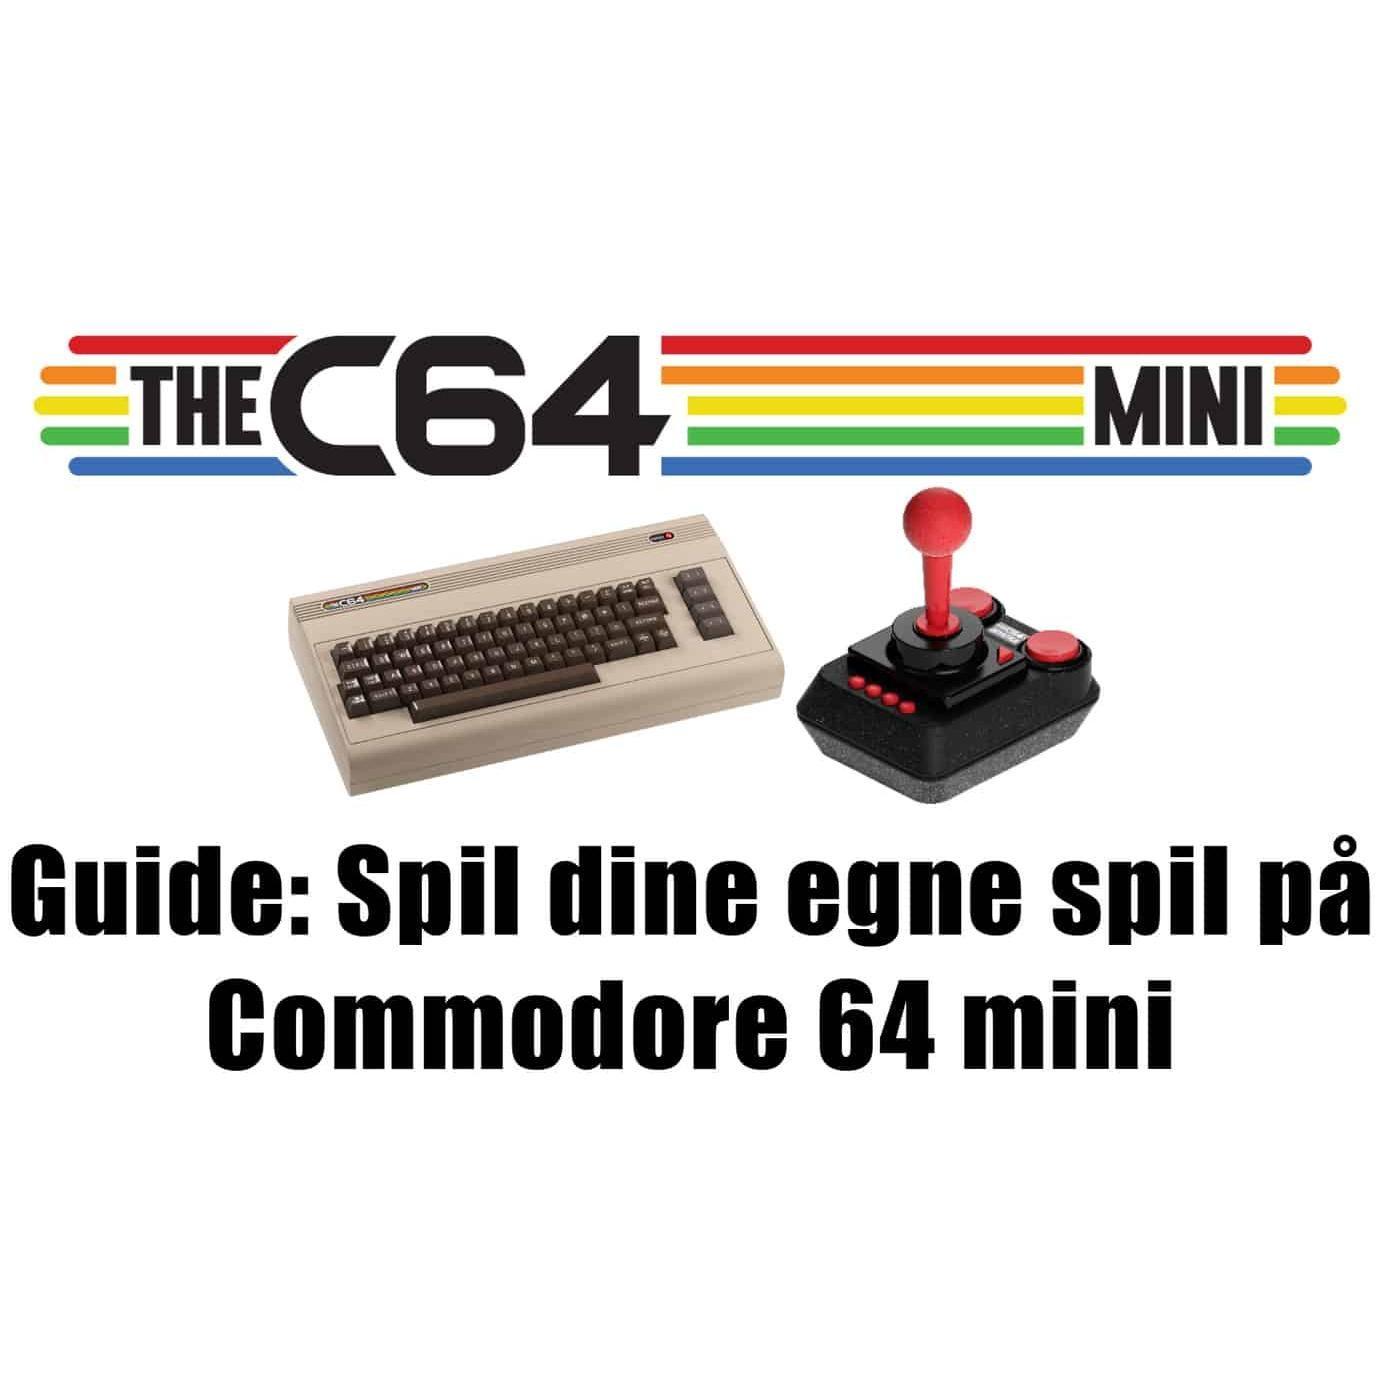 Guide: Spil dine egne spil på Commodore 64 mini